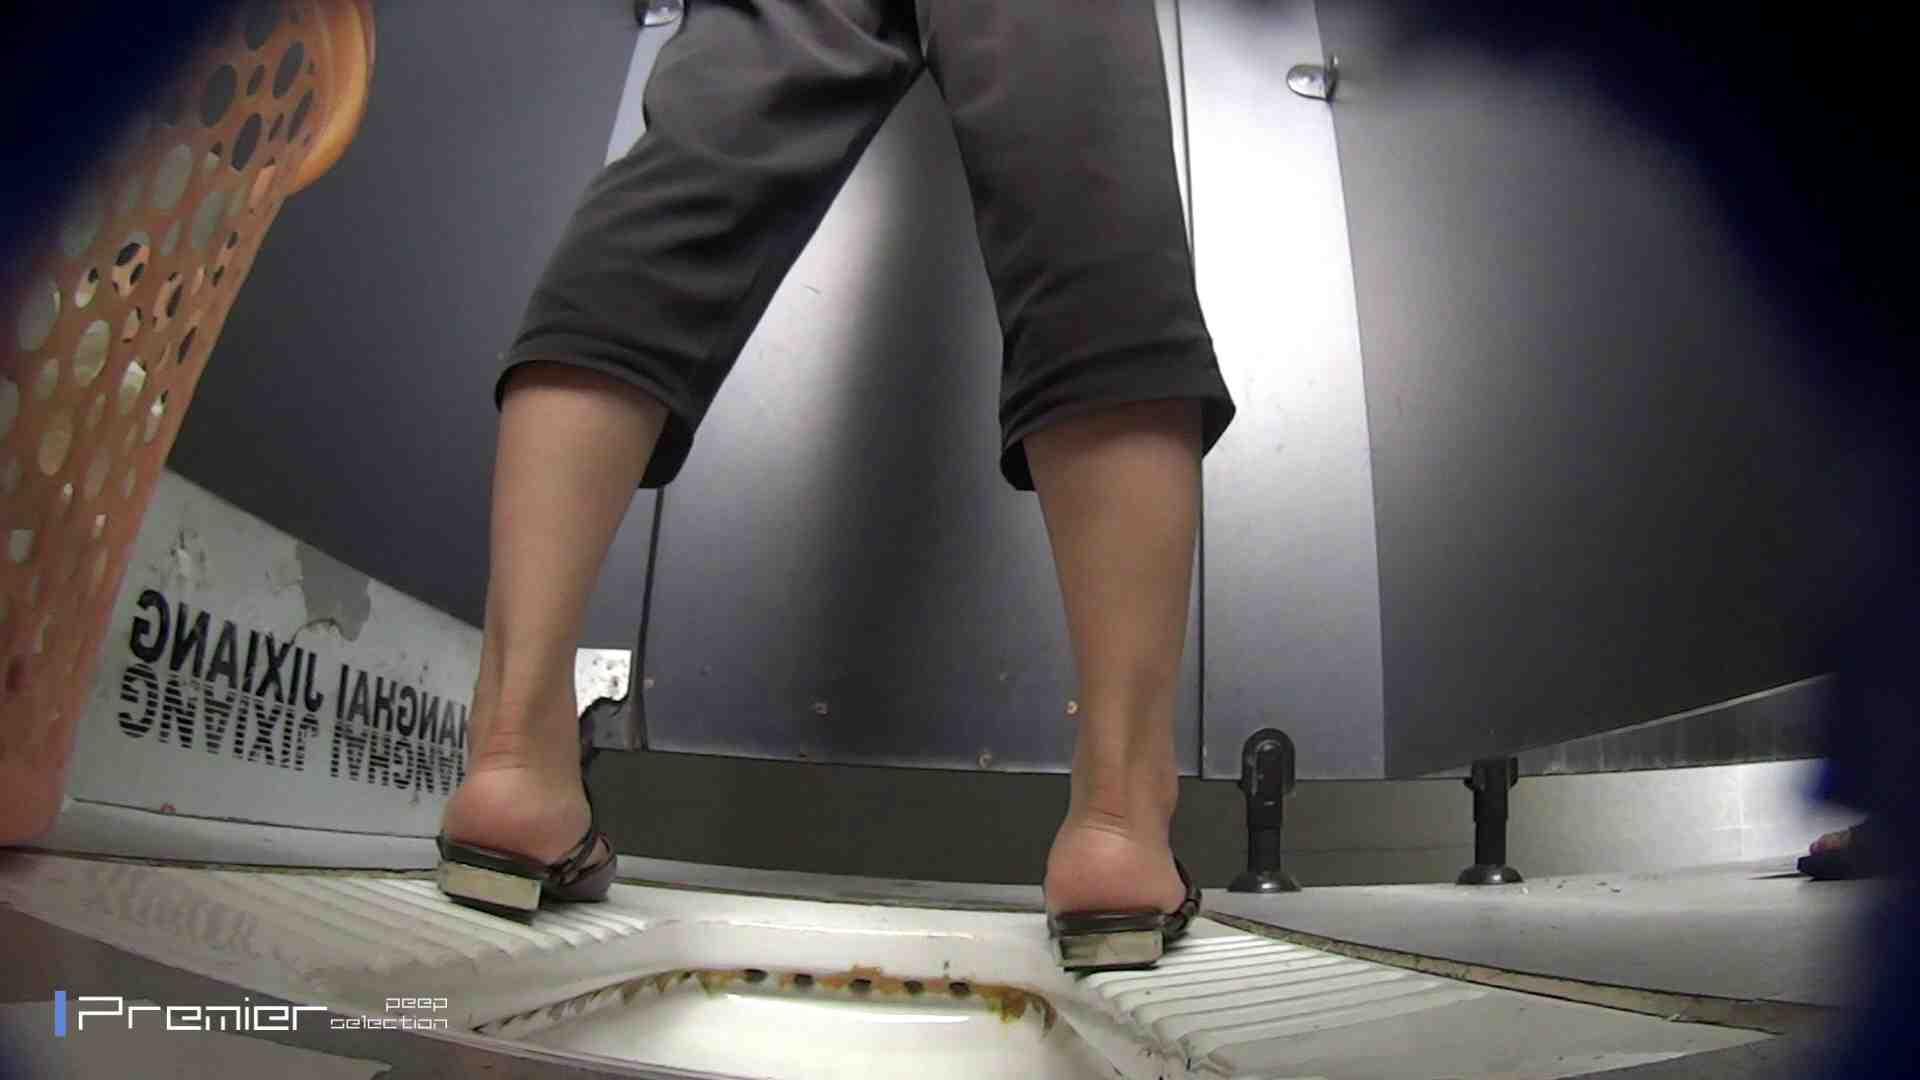 若さ溢れるギャル達のnyo  大学休憩時間の洗面所事情46 美肌 AV無料動画キャプチャ 83画像 61